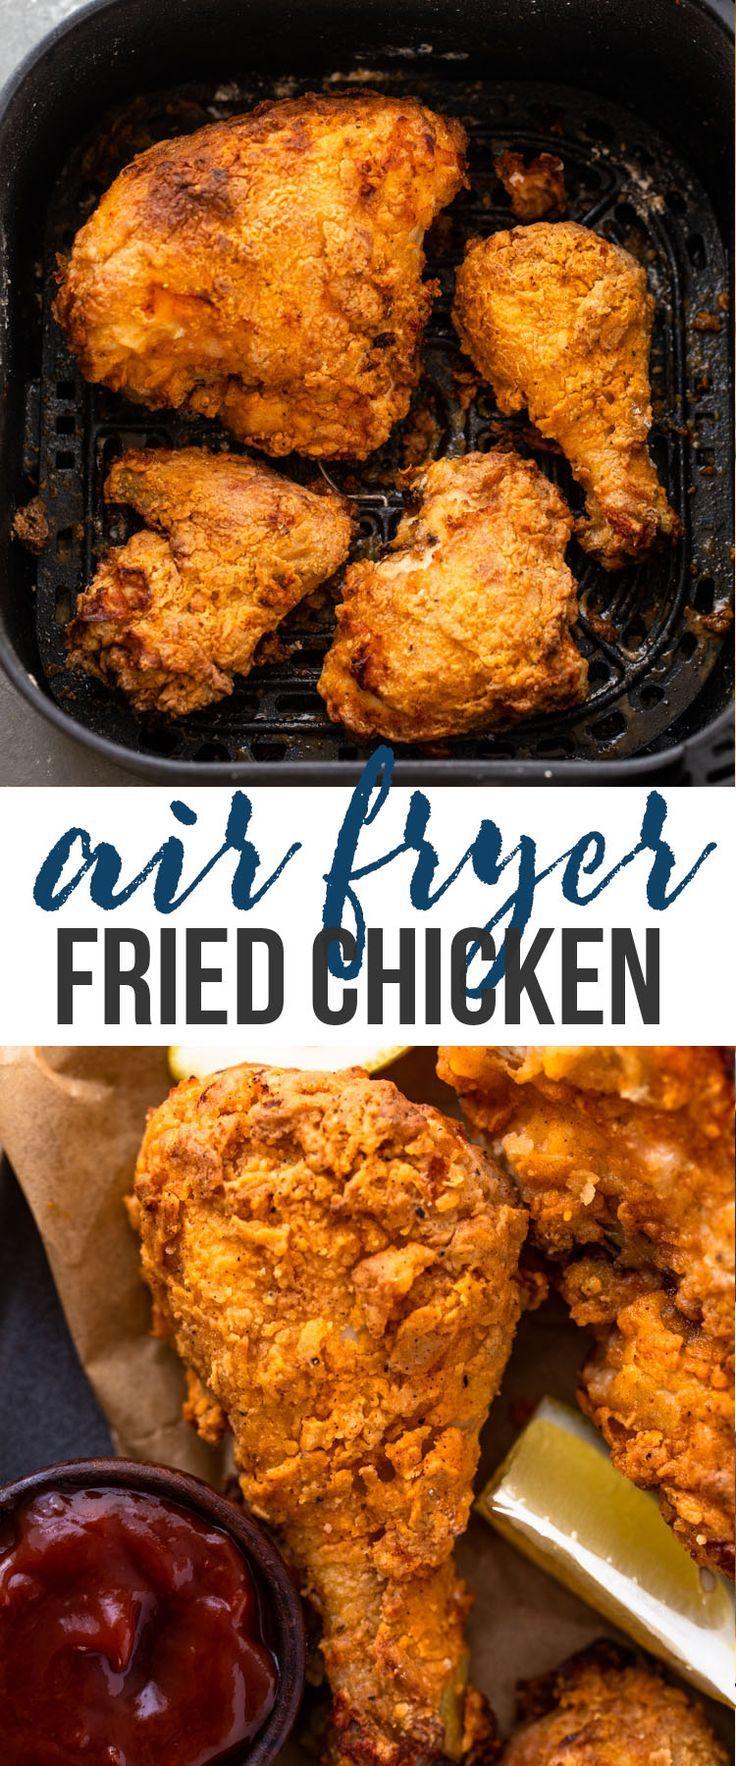 Air Fryer Fried Chicken In 2020 Air Fryer Dinner Recipes Air Fryer Fried Chicken Air Fryer Recipes Chicken